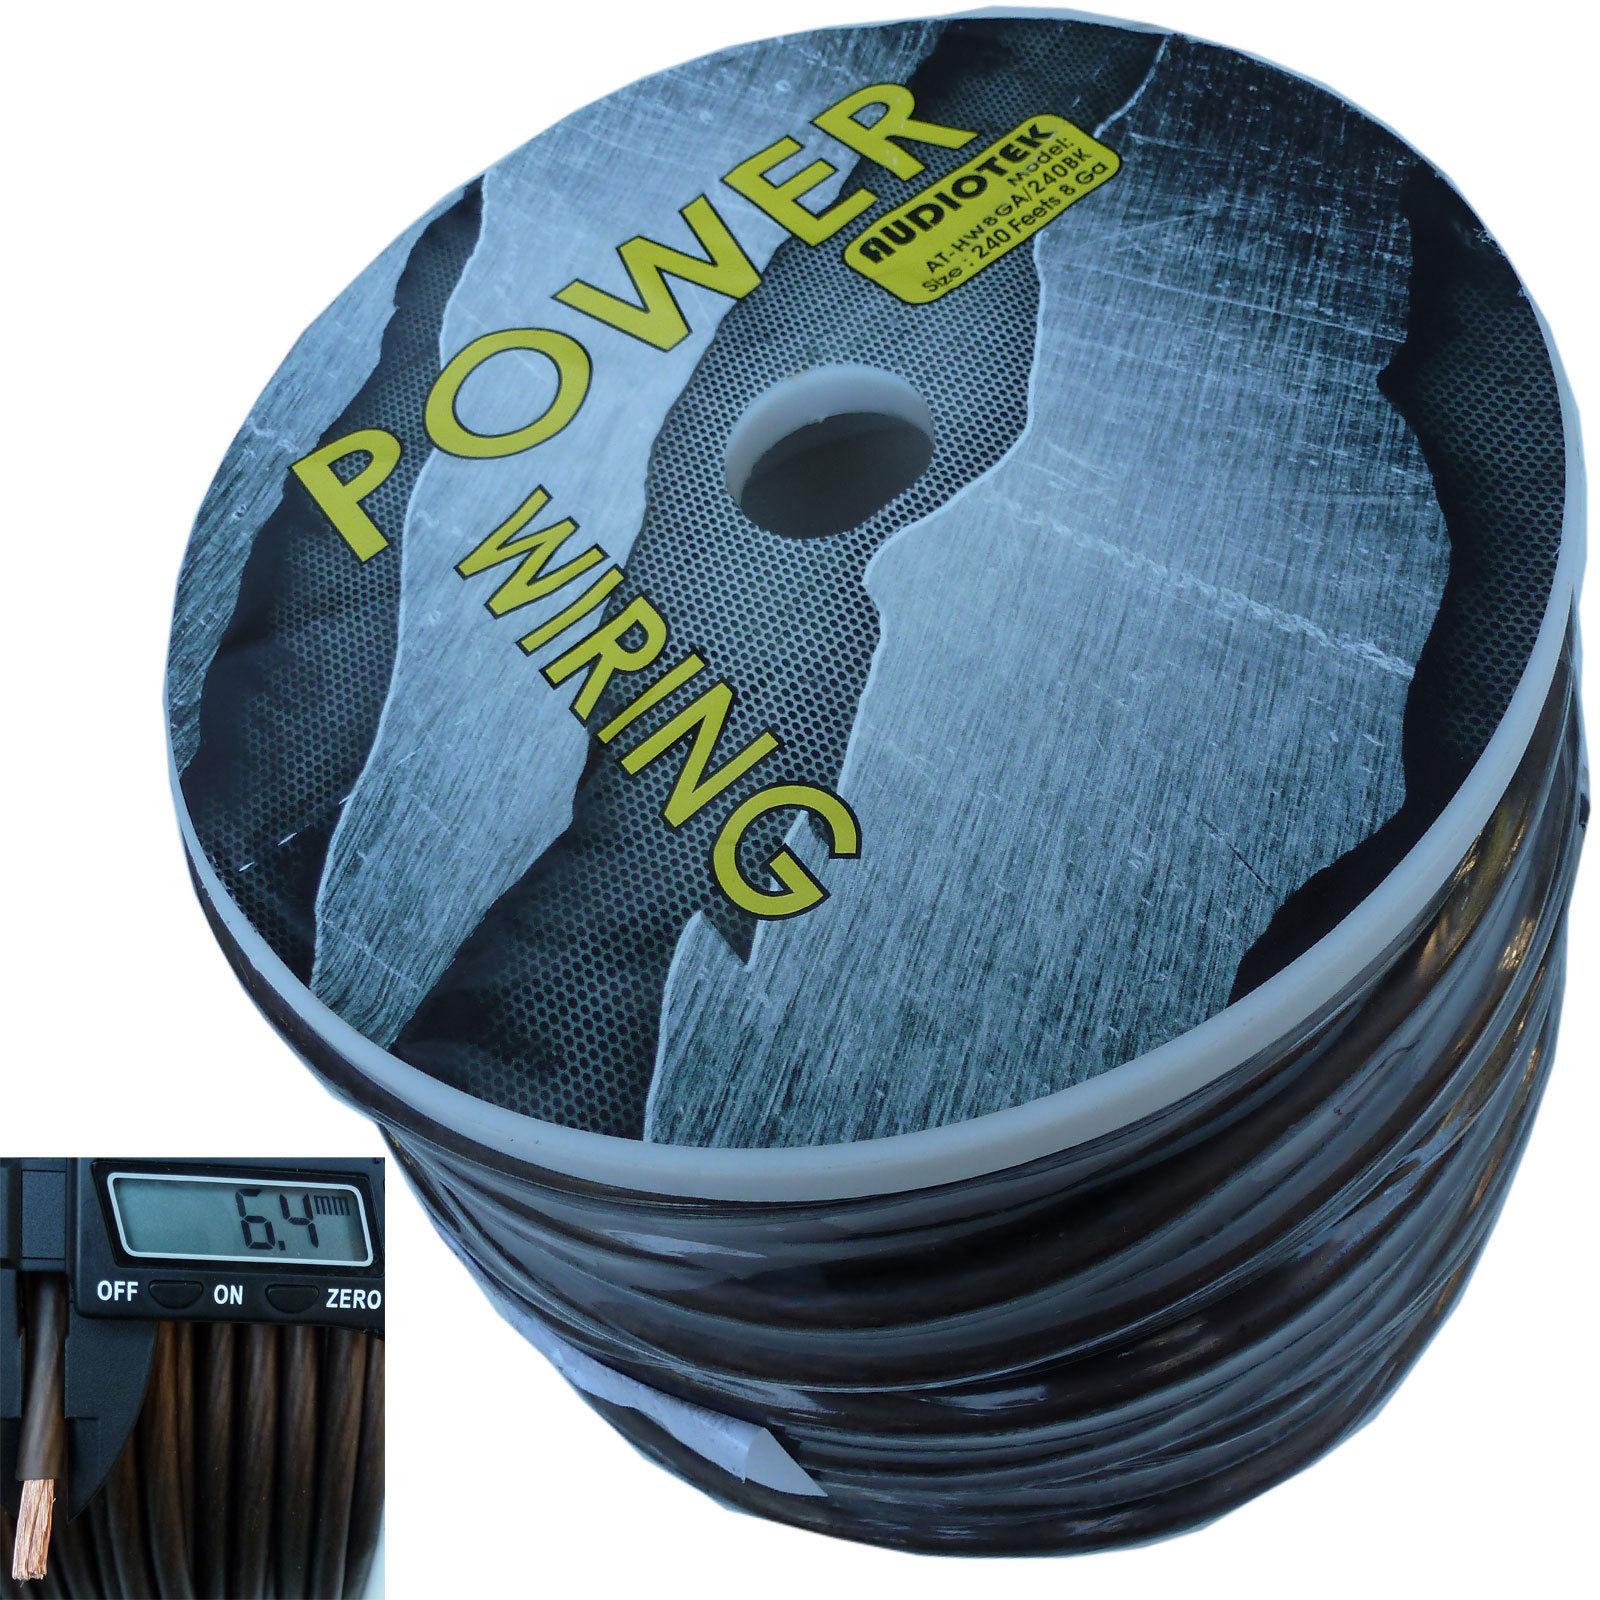 8 GAUGE SUPER FLEXIBLE WIRE 240 FT BLACK ROLL SPOOL FEET AWG ...